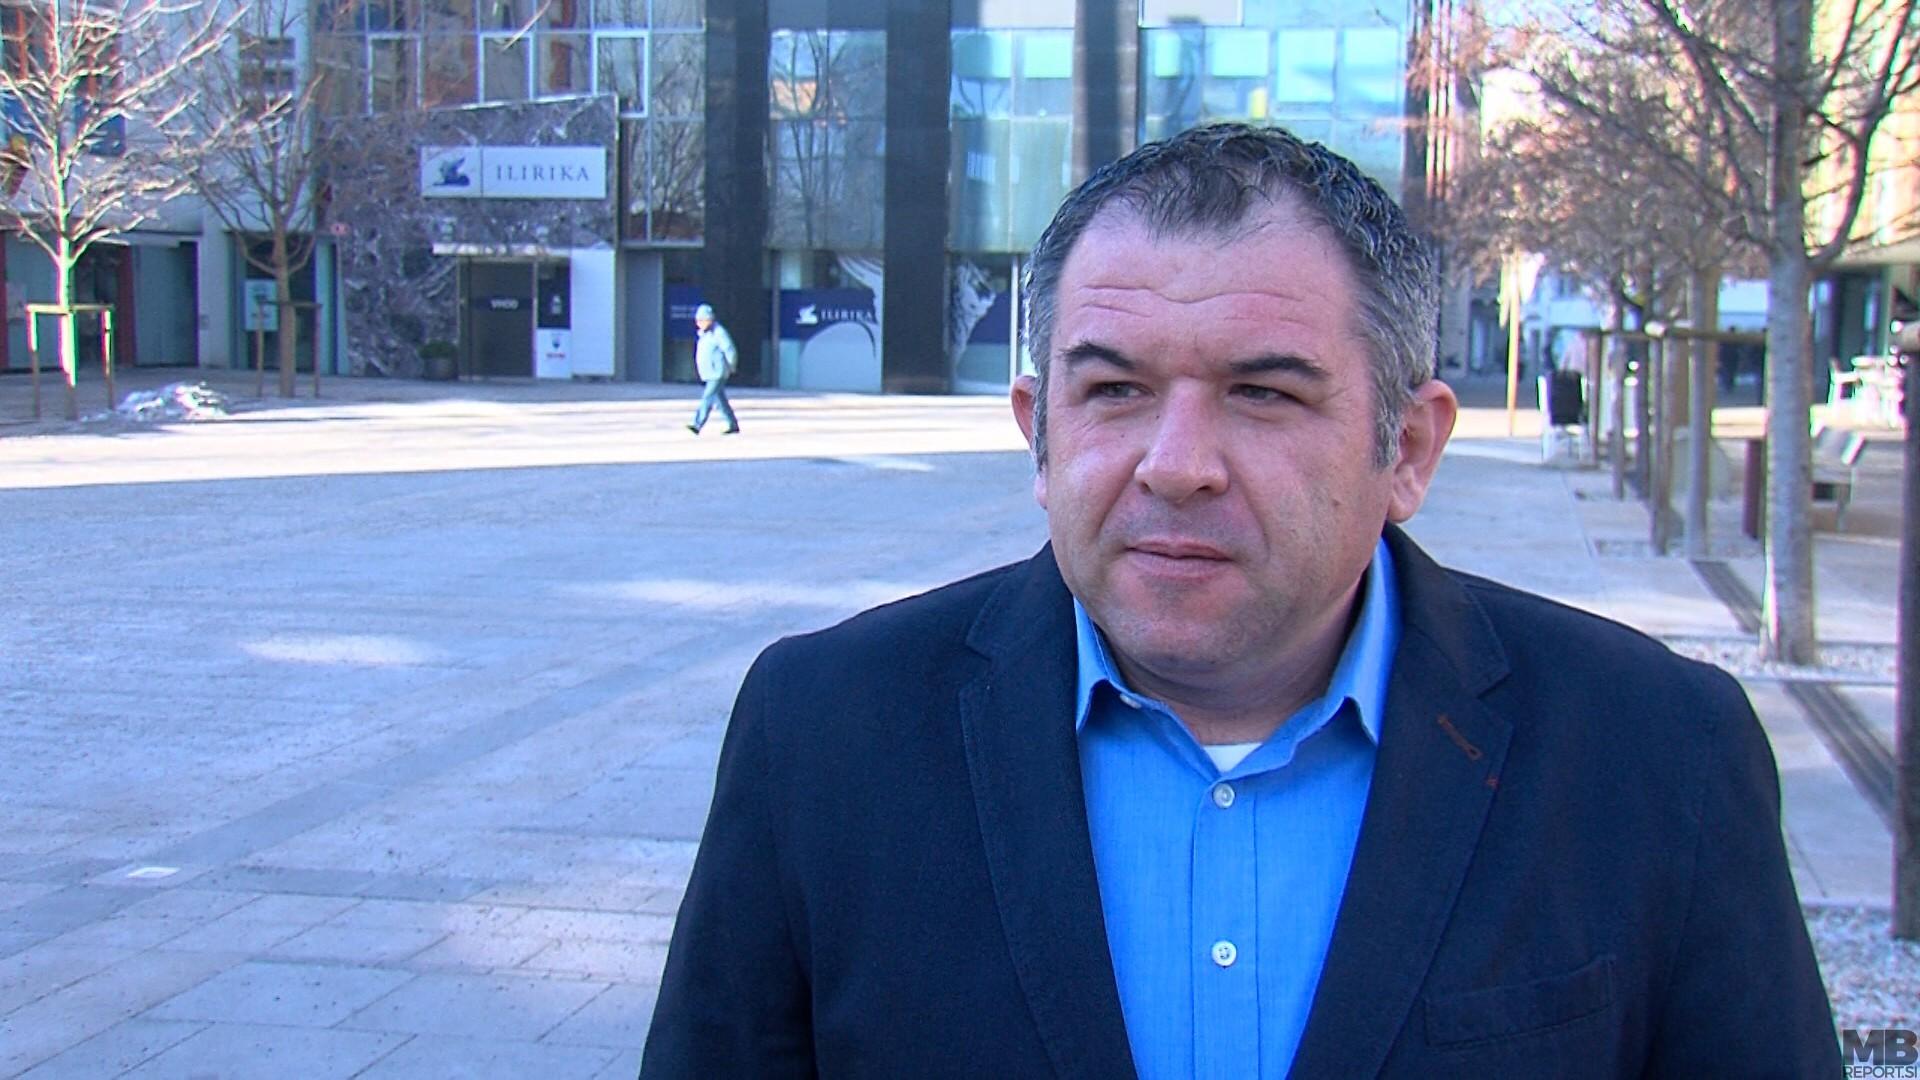 Uroš Lorenčič, Predsednik Športne zveze Maribor